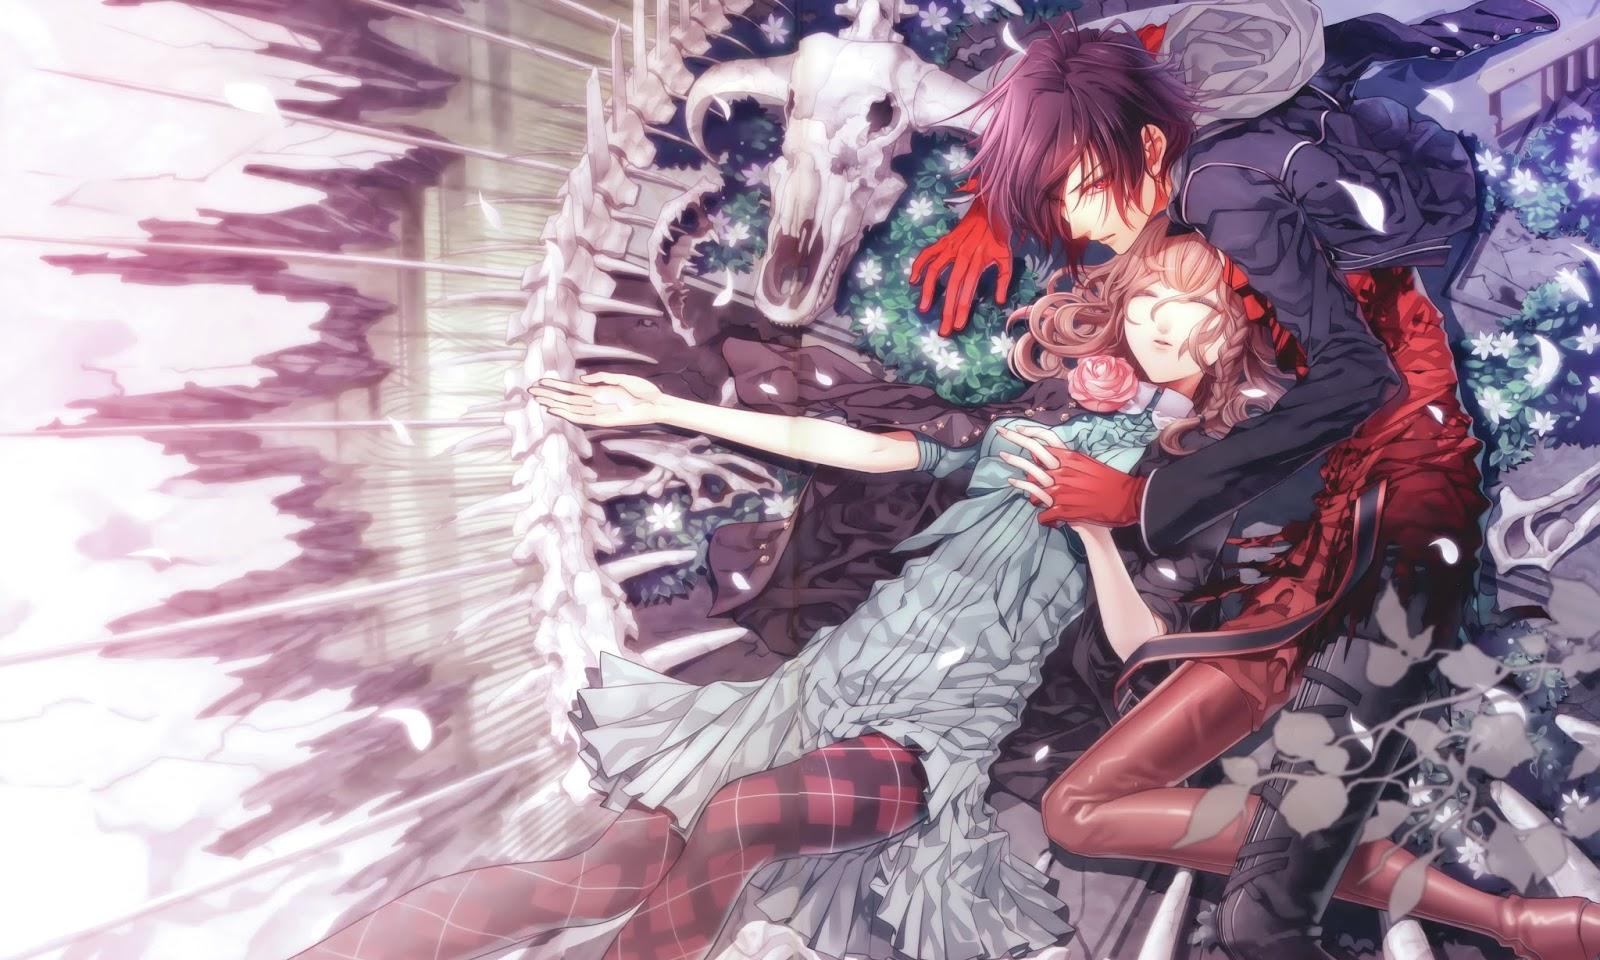 amnesia otome games e20 20 a20 3502055205 20 20 – Visual Novel Reviews